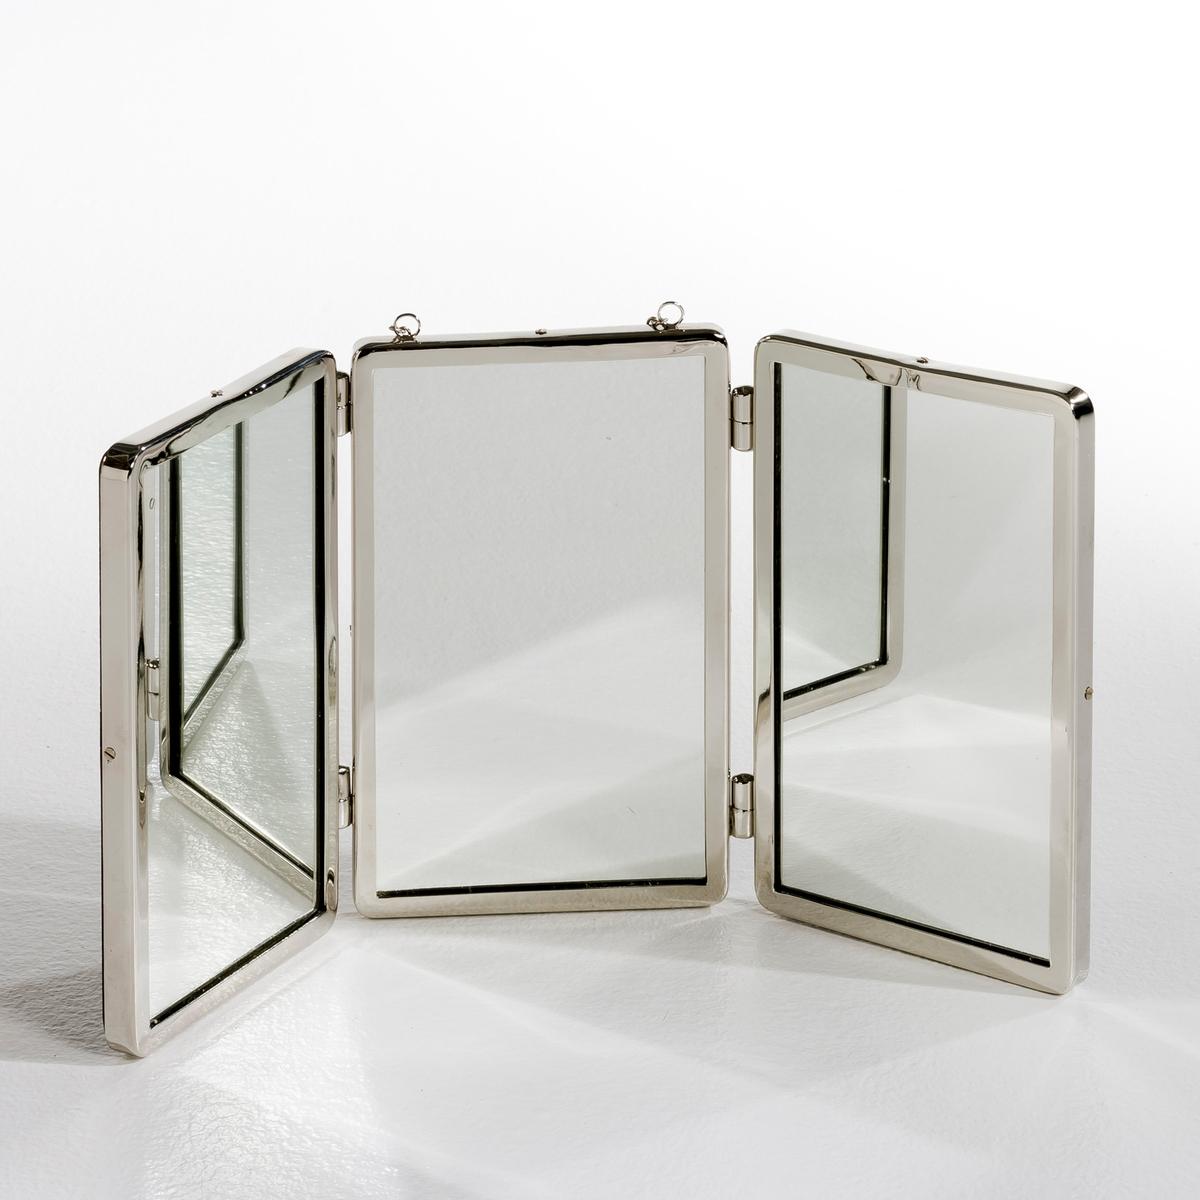 Зеркало маленькая модель Д55 x В27 см, BarbierВ стиле трюмо под старину. Подвешивается на цепочке.    Характеристики: :- Рамка из никелированной латуни  .   Общие размеры зеркала : -Дл. 55 x Выс.. 27 см.<br><br>Цвет: безцветный